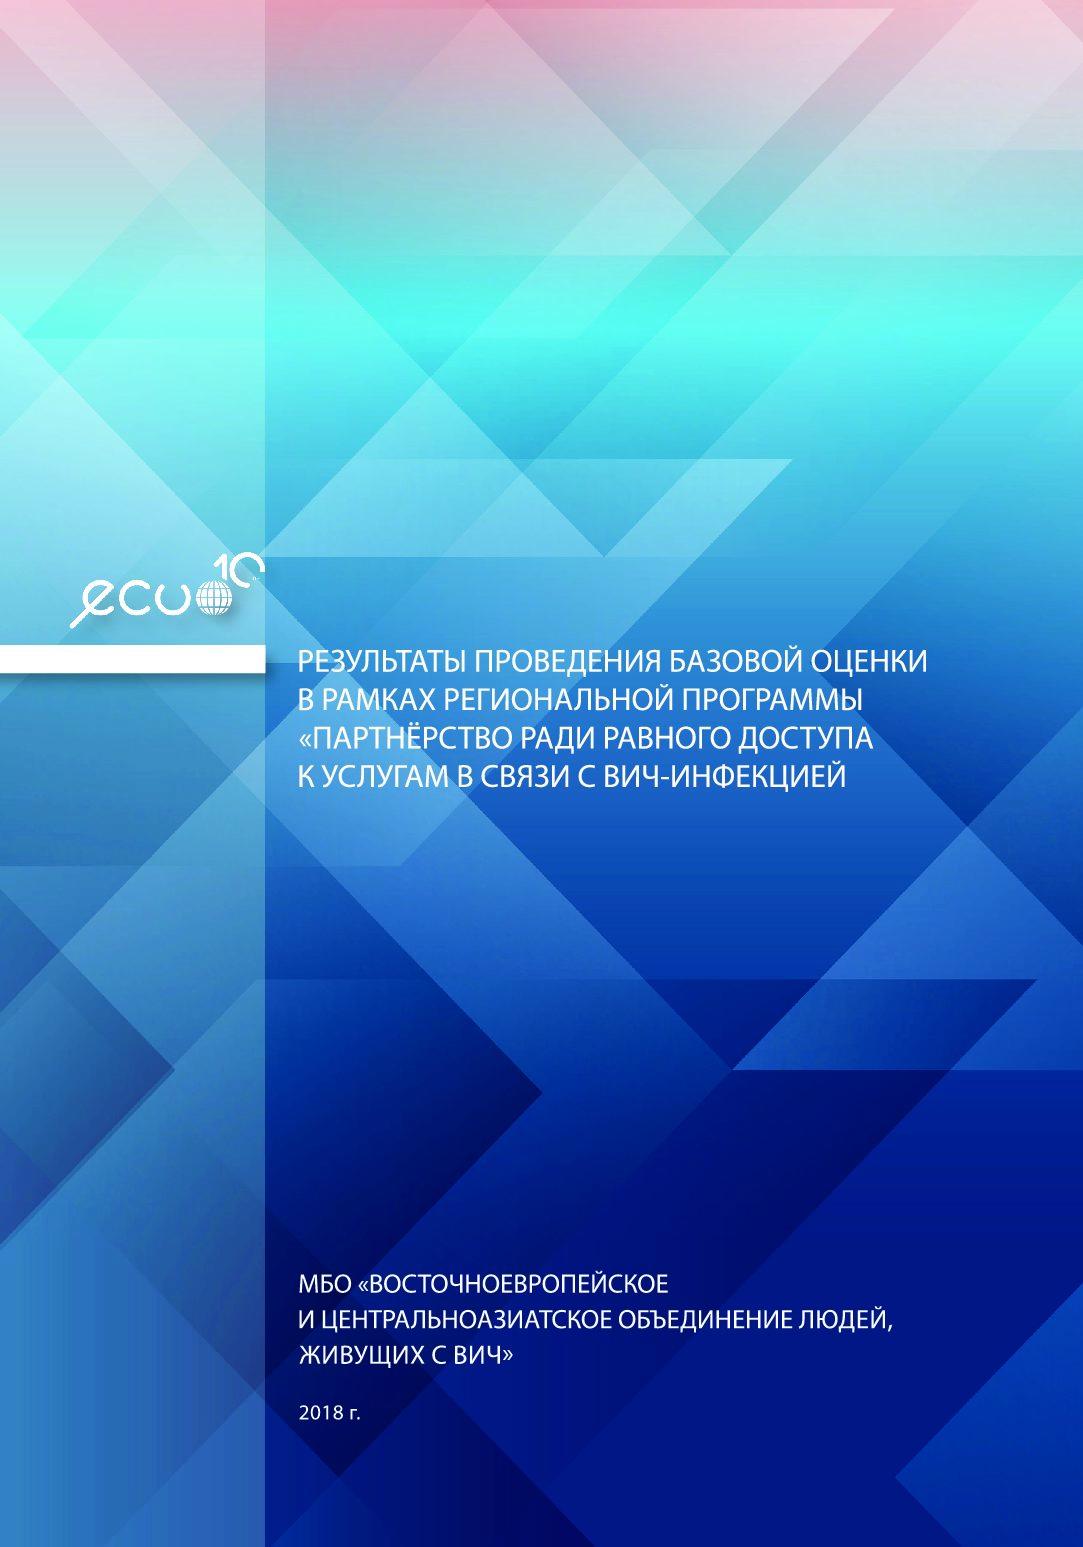 """Результаты проведения базовой оценки в рамках региональной программы """"Партнерство ради равного доступа к услугам в связи с ВИЧ-инфекции"""""""